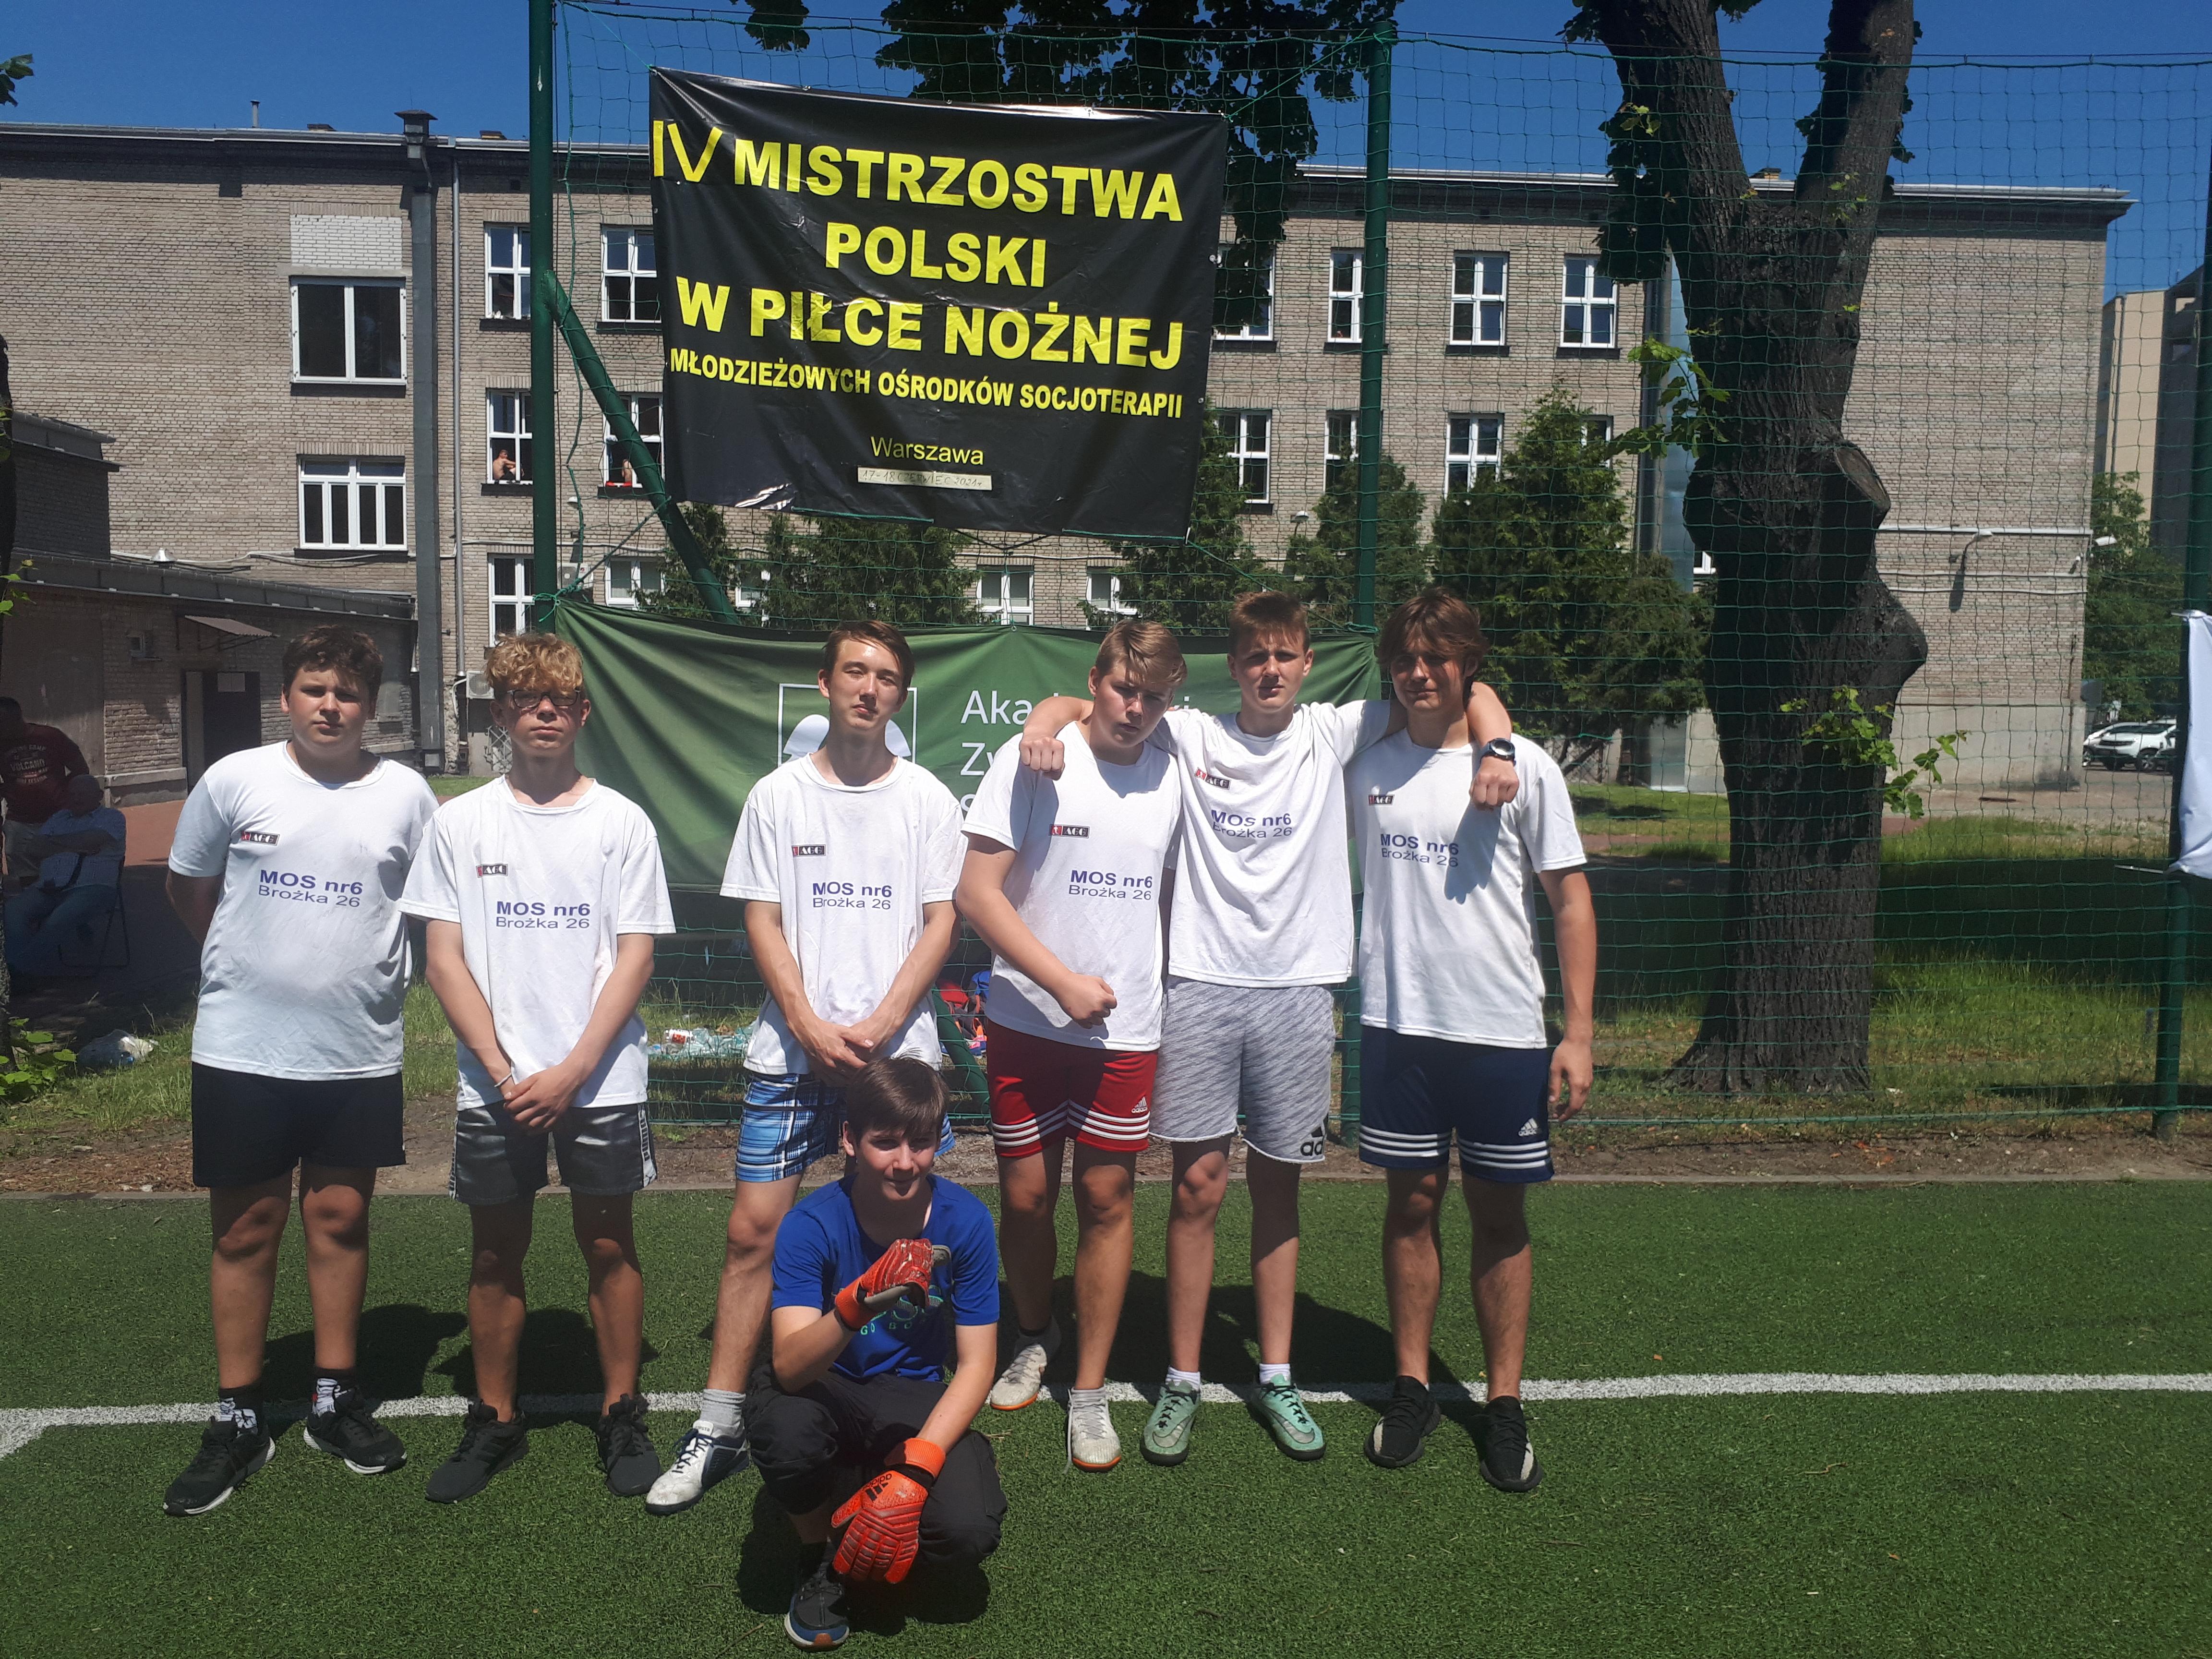 Mistrzostwa Polski Młodzieżowych Ośrodków Socjoterapii w Piłce Nożnej